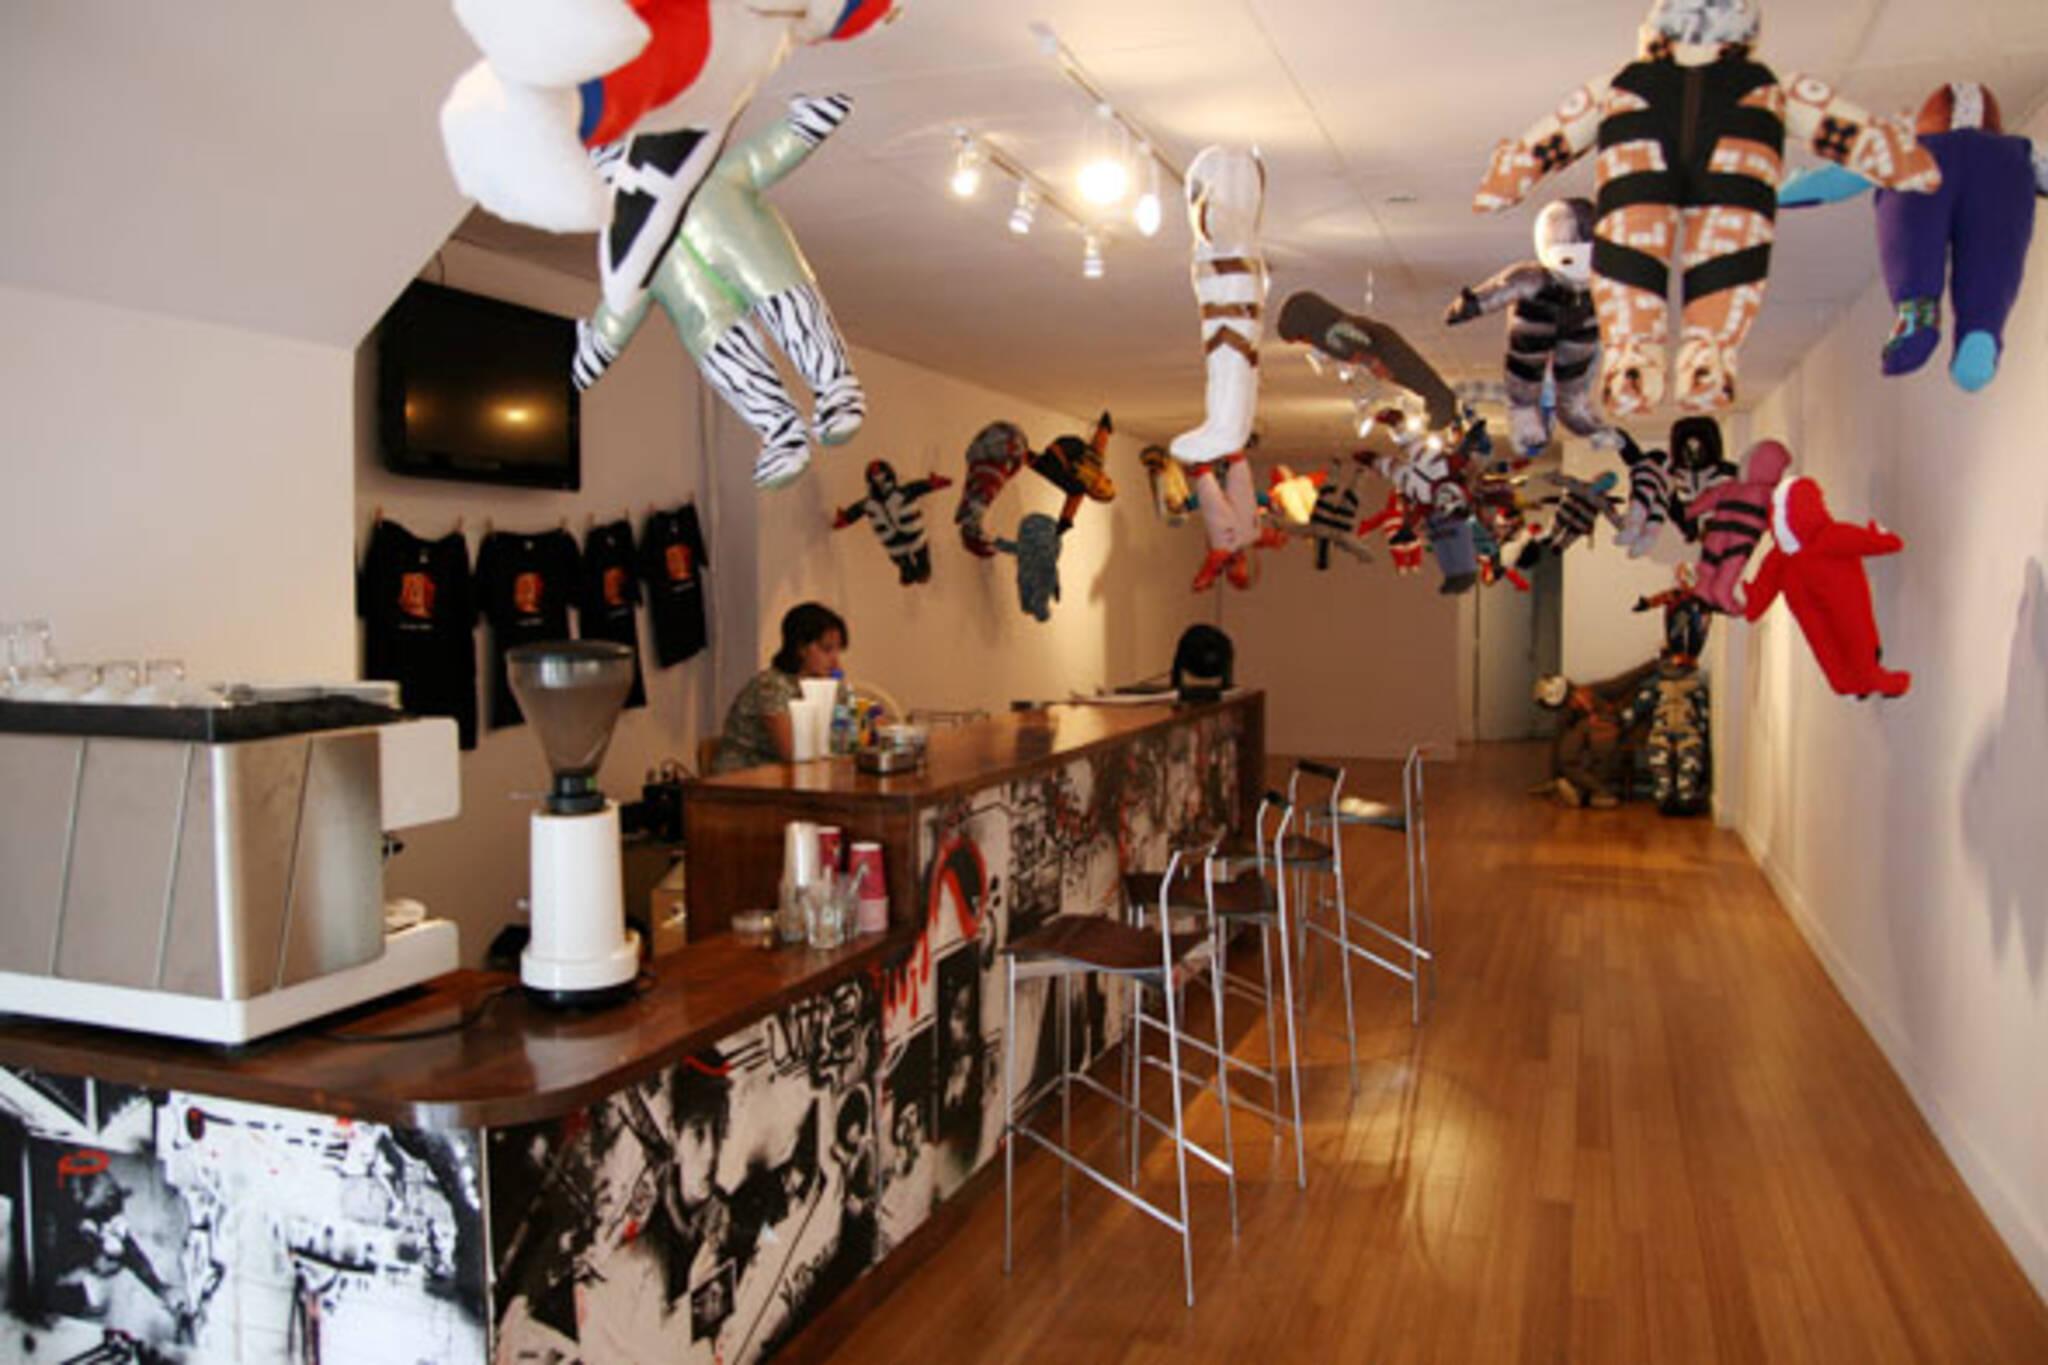 Hotshot Gallery